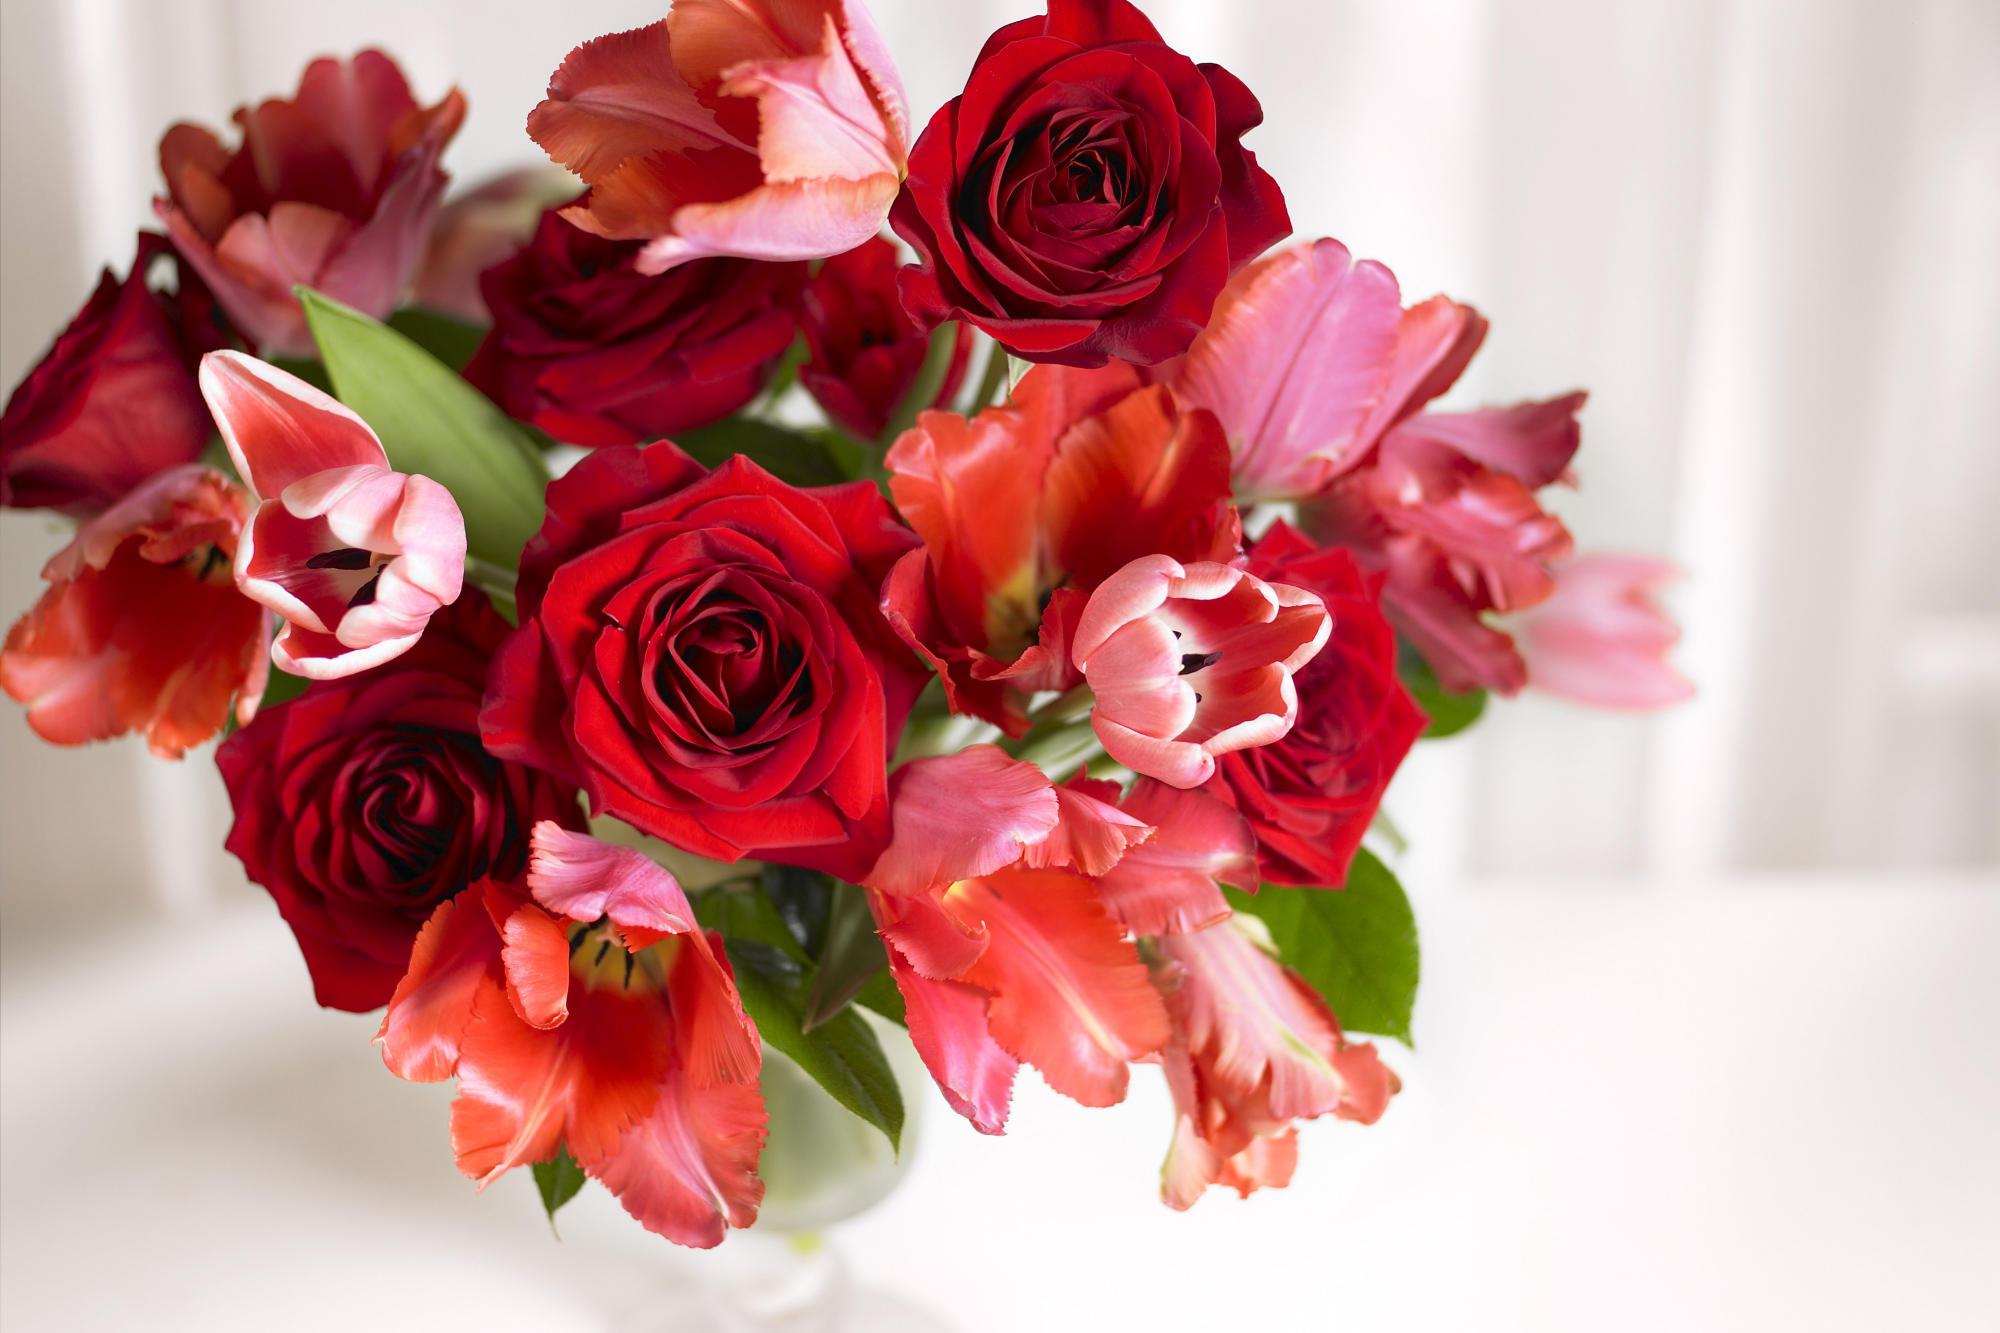 17496 скачать обои Растения, Цветы, Розы, Тюльпаны - заставки и картинки бесплатно